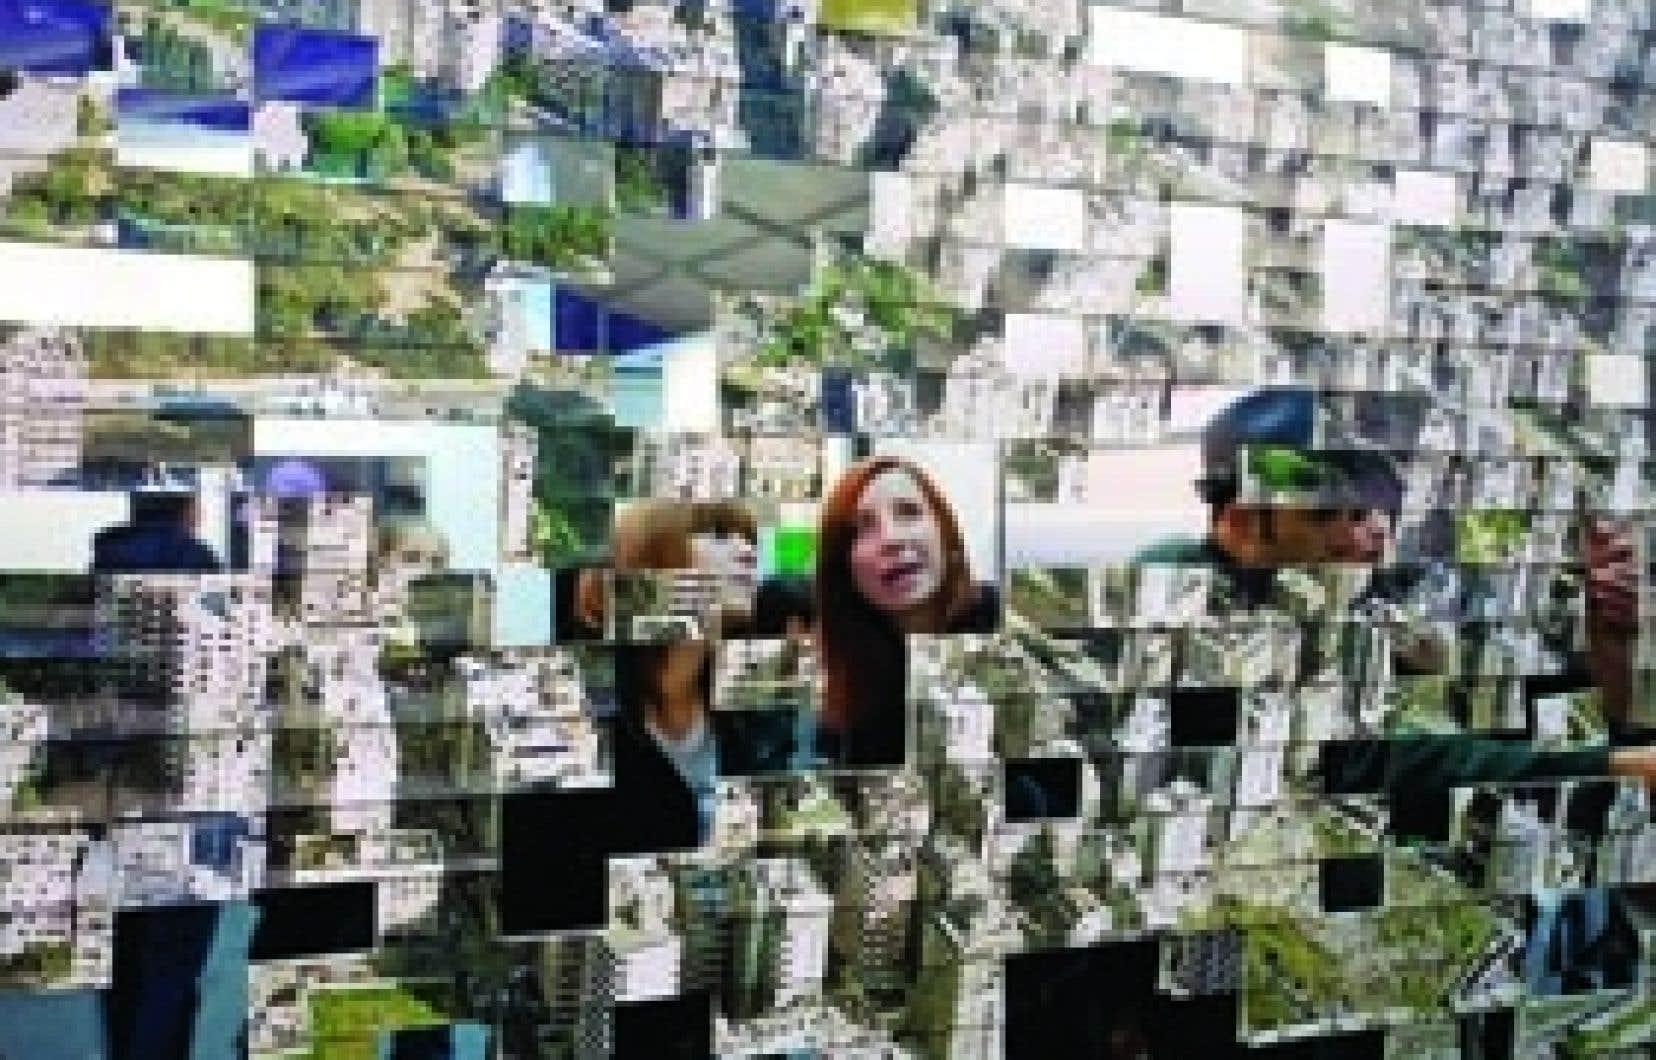 Le Cercle de confusion, 2001, installation de Joana Hadjithomas et Khalil Joreige, Cour carrée du Louvre, 2006.